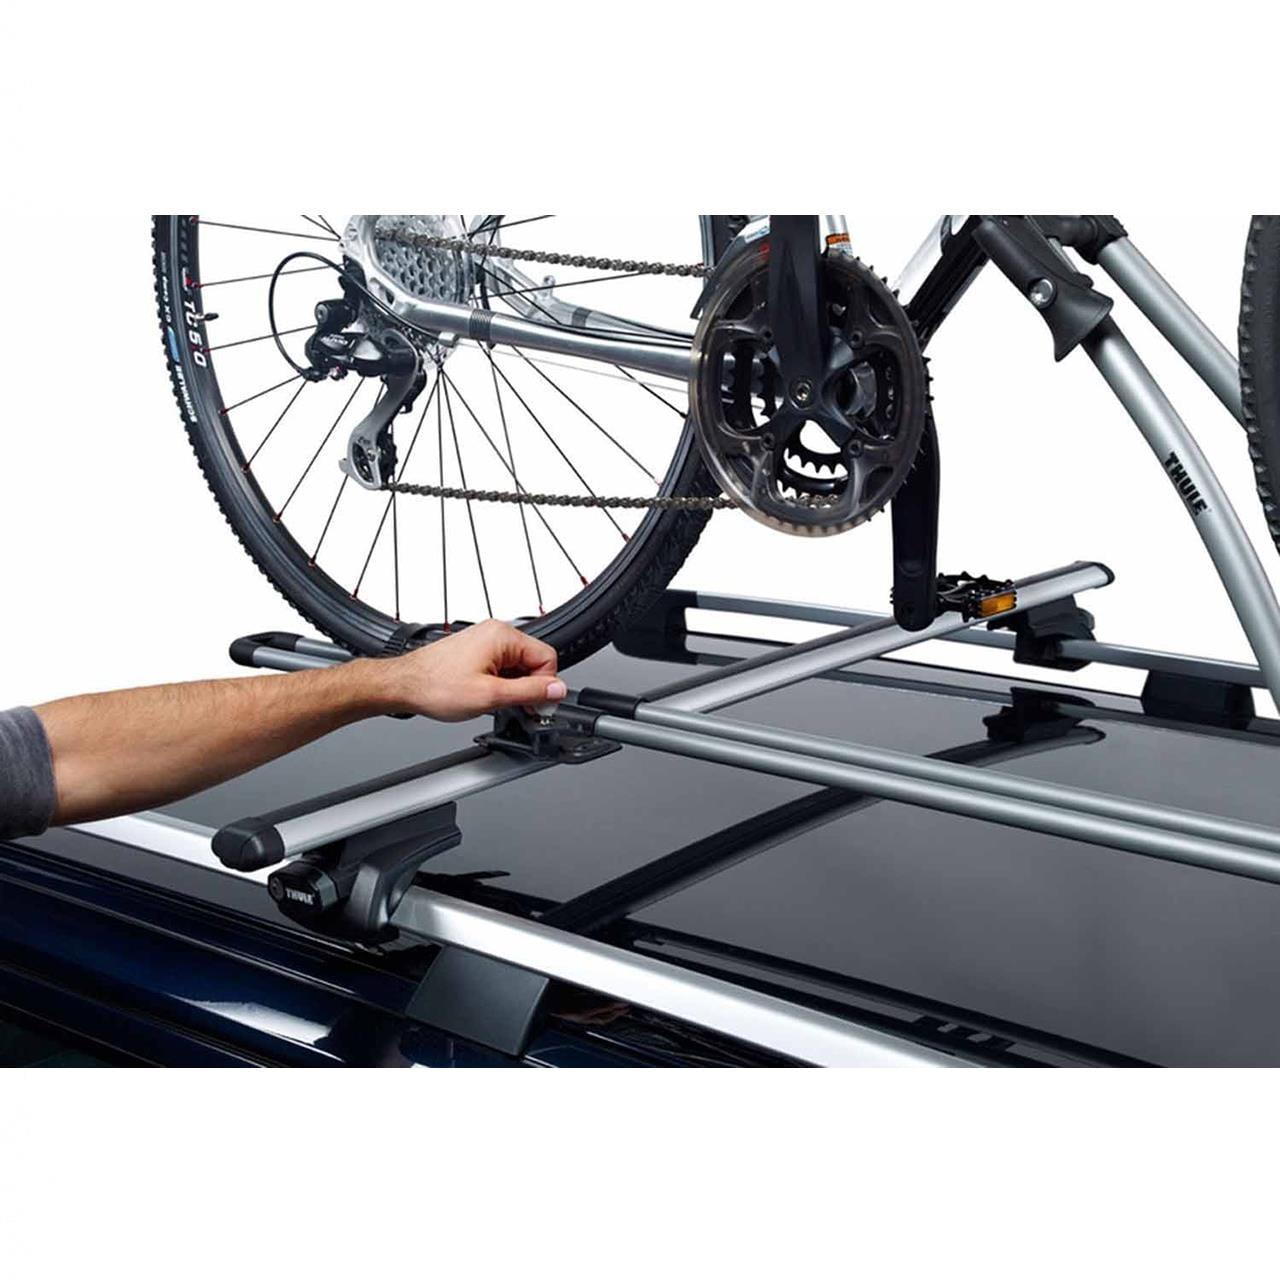 Pachet 2 buc suporturi biciclete Thule FreeRide 532 cu prindere pe bare transversale 8